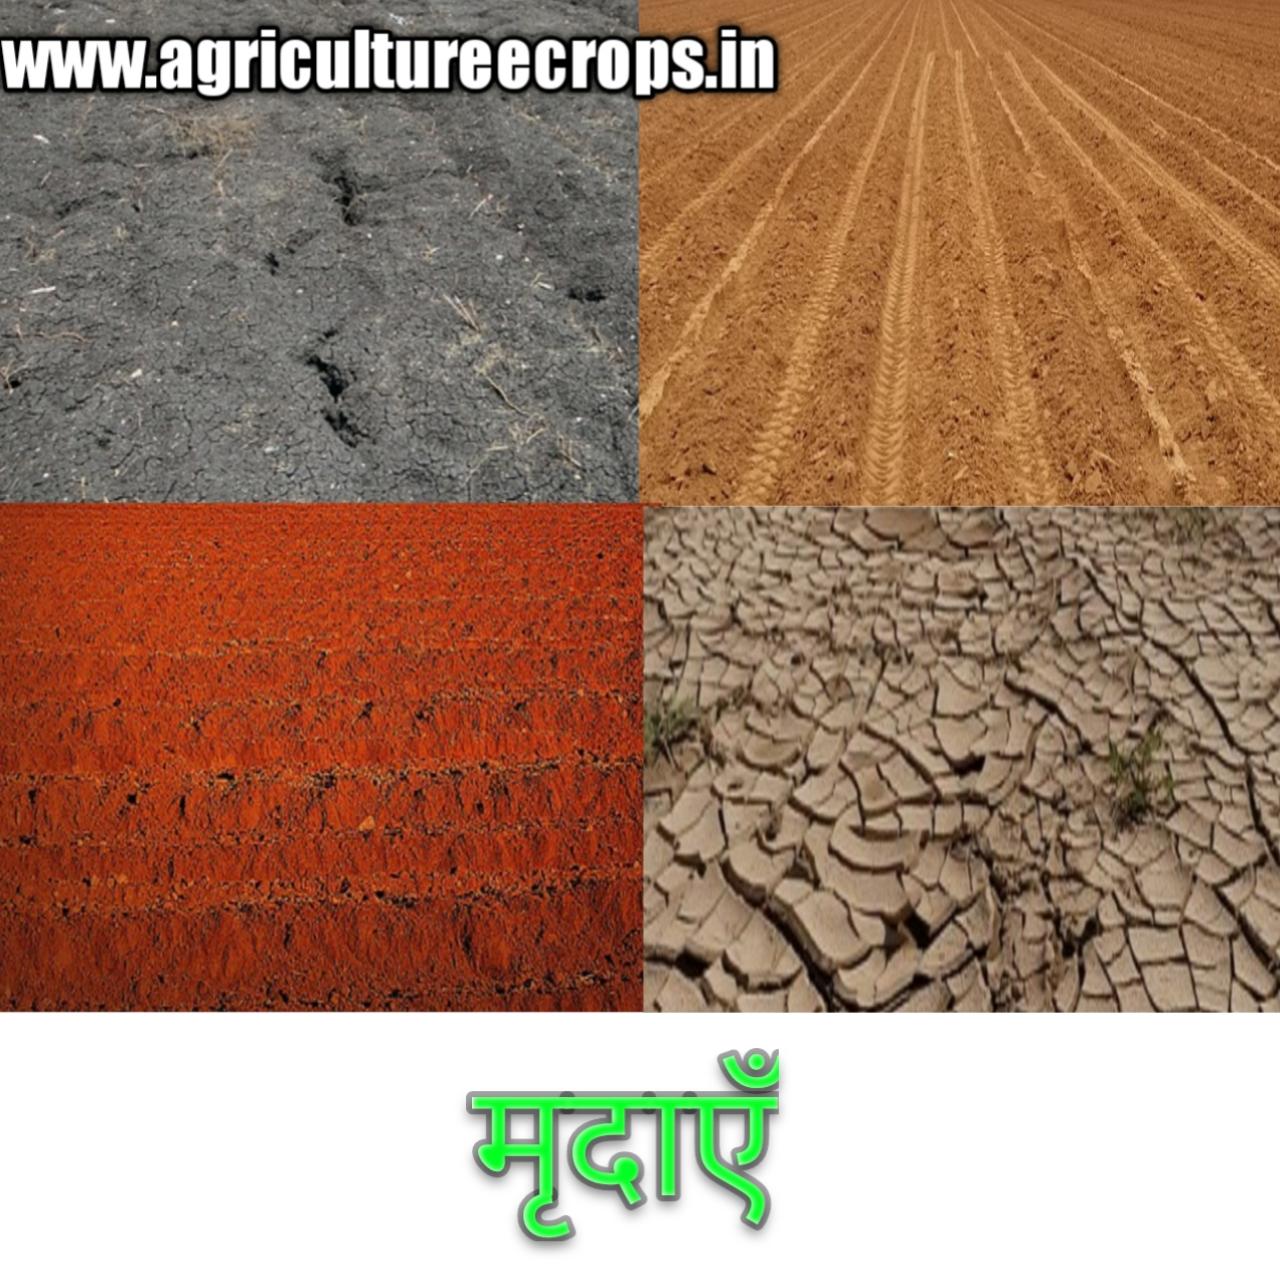 भारत और मध्यप्रदेश में पाई जाने वाली मृदाऐं Soils found in Madhya Pradesh, मध्य प्रदेश की मिट्टी, मिट्टी कितने प्रकार की होती है